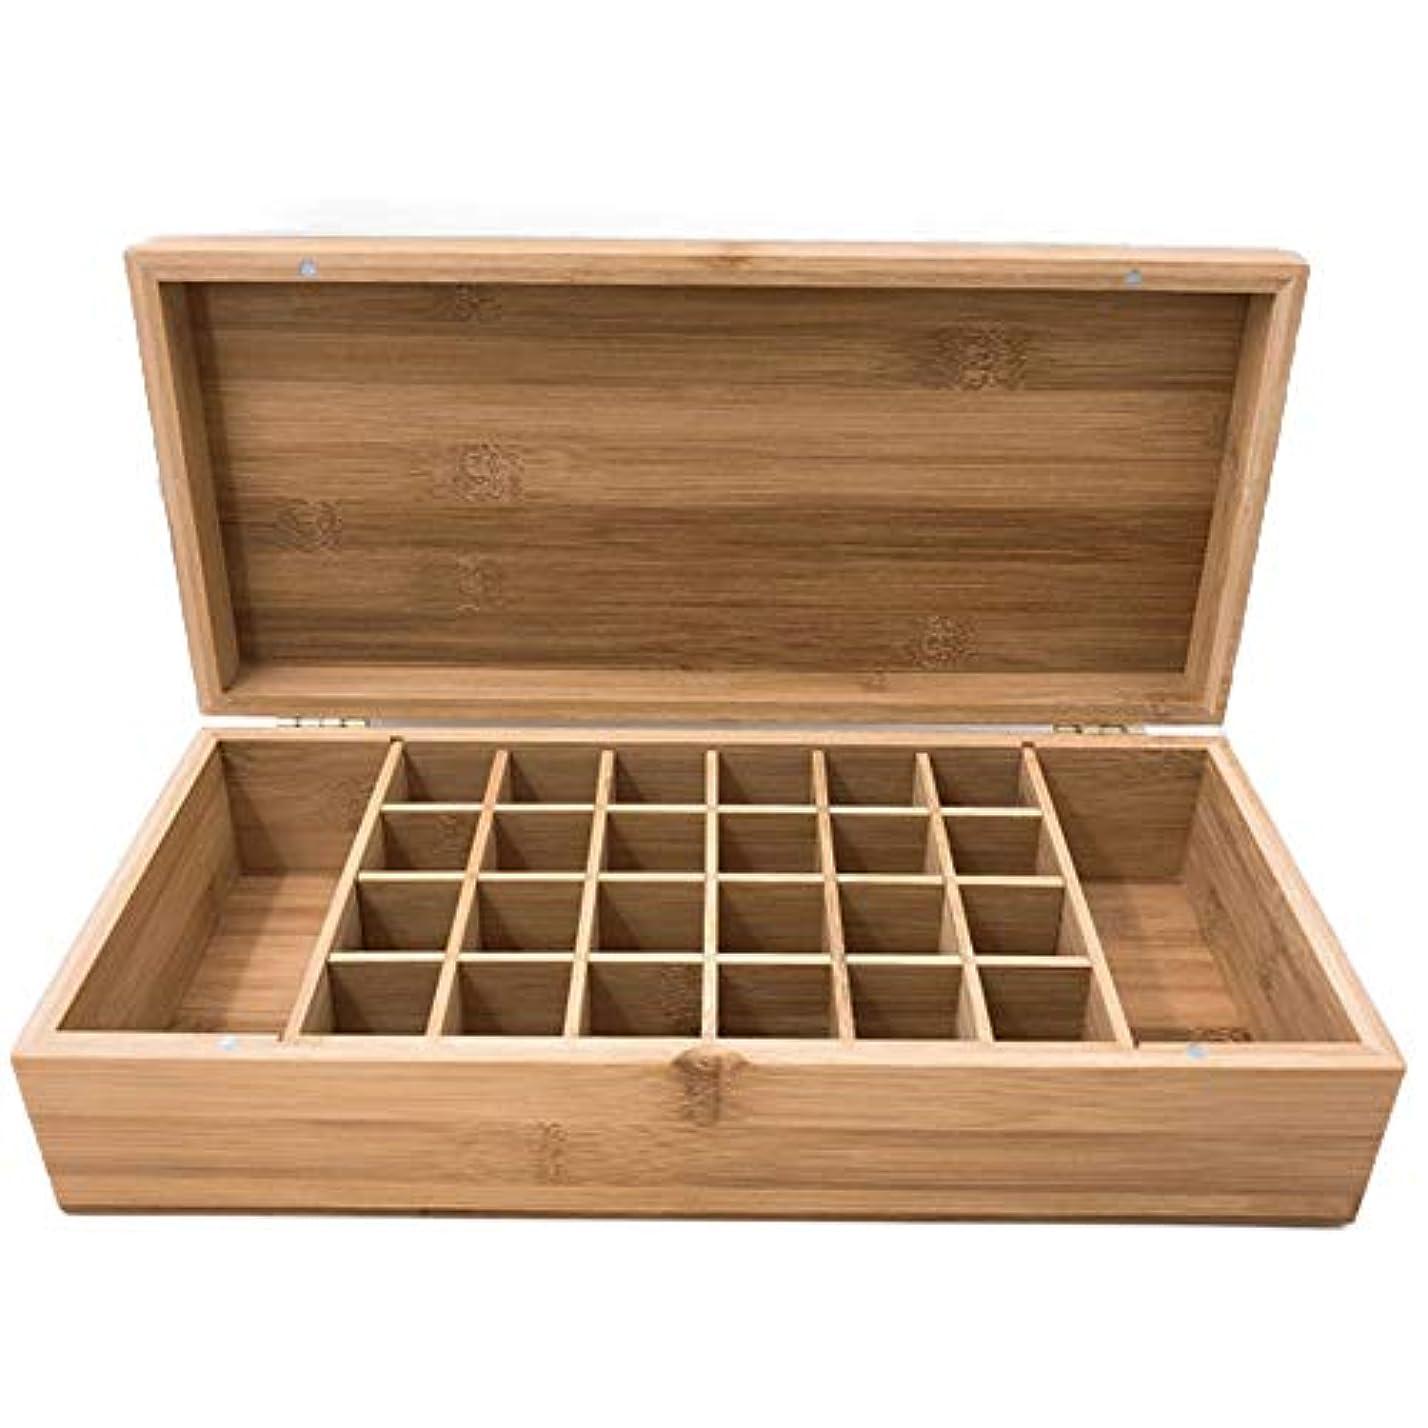 ビルマラフトしっとりエッセンシャルオイル収納ボックス エッセンシャルオイルストレージボックスアロマセラピー油ボトル33.5x15x8.3cmのために26個のスロット木製主催キャリングケース ポータブル収納ボックス (色 : Natural, サイズ : 33.5X15X8.3CM)